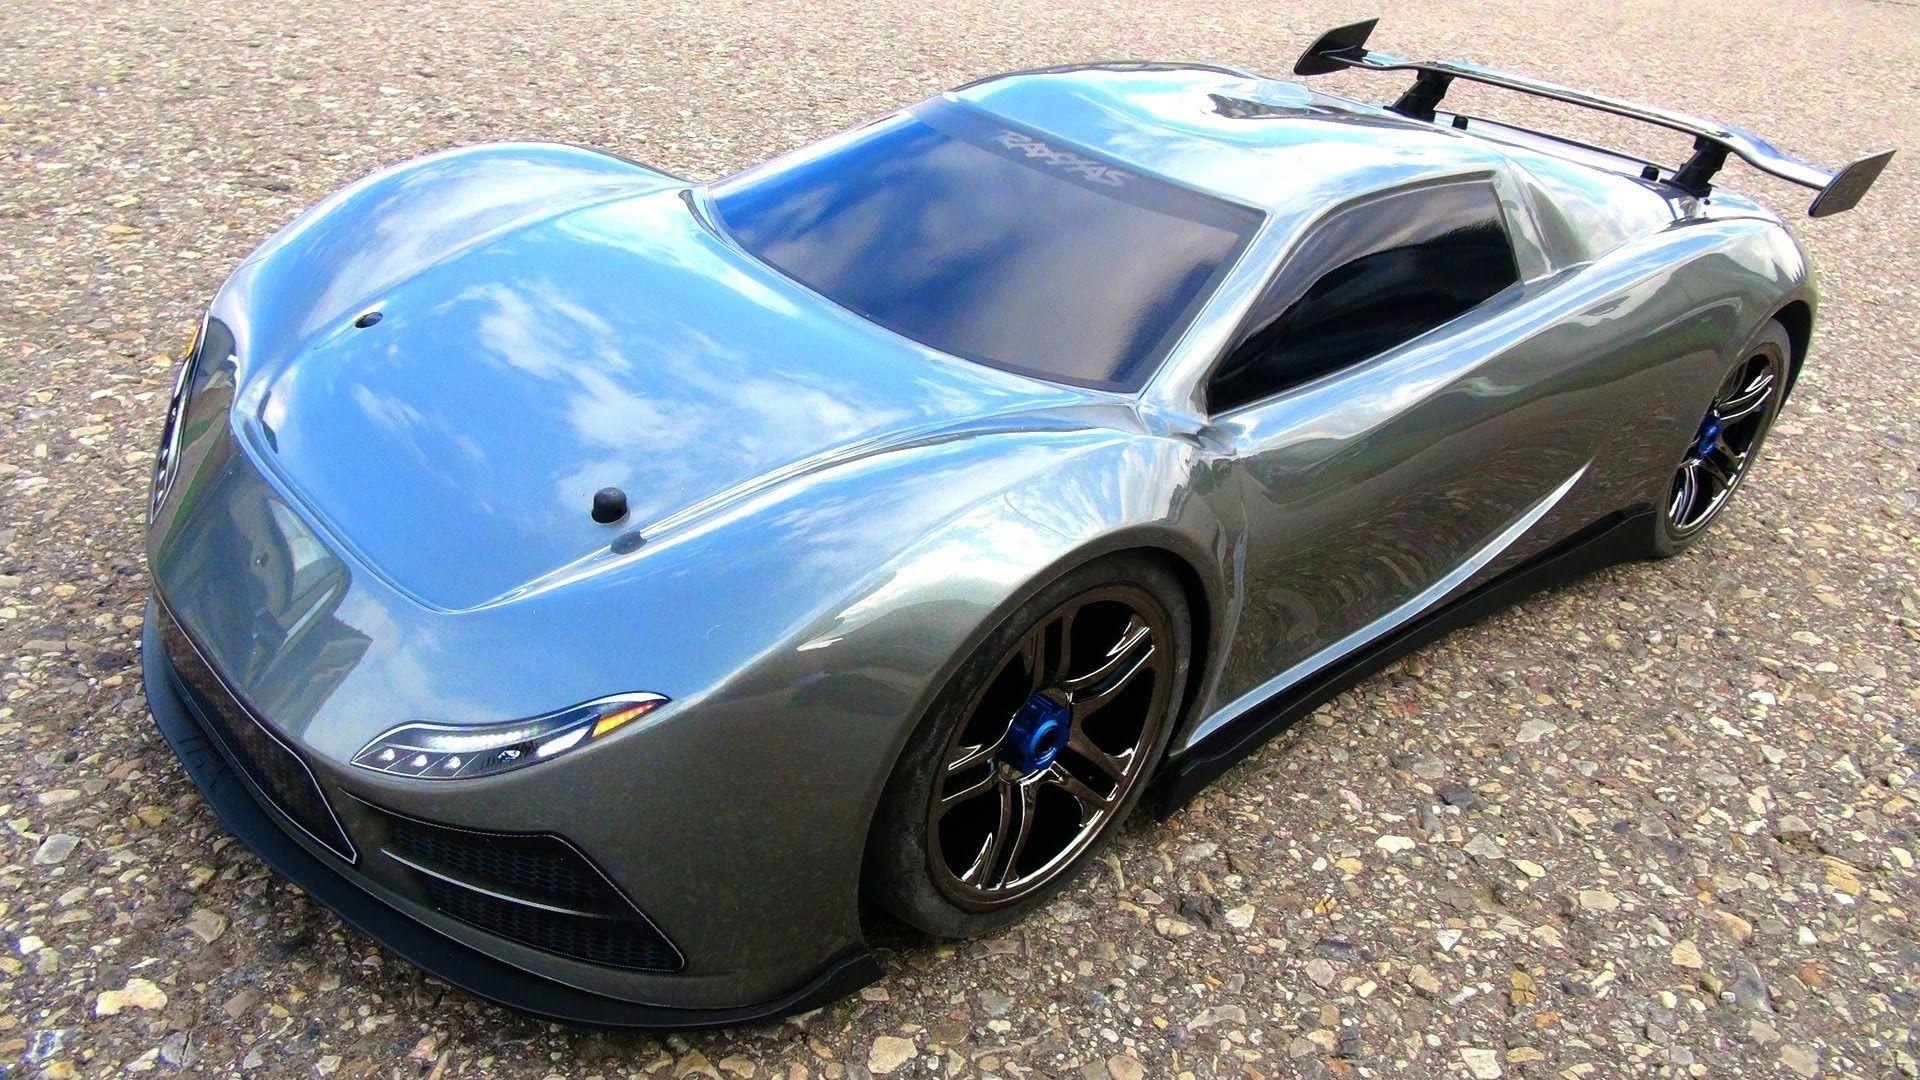 Rc Adventures Traxxas Xo 1 4wd Super Car Unboxing Sport Ete Sport Vehicule